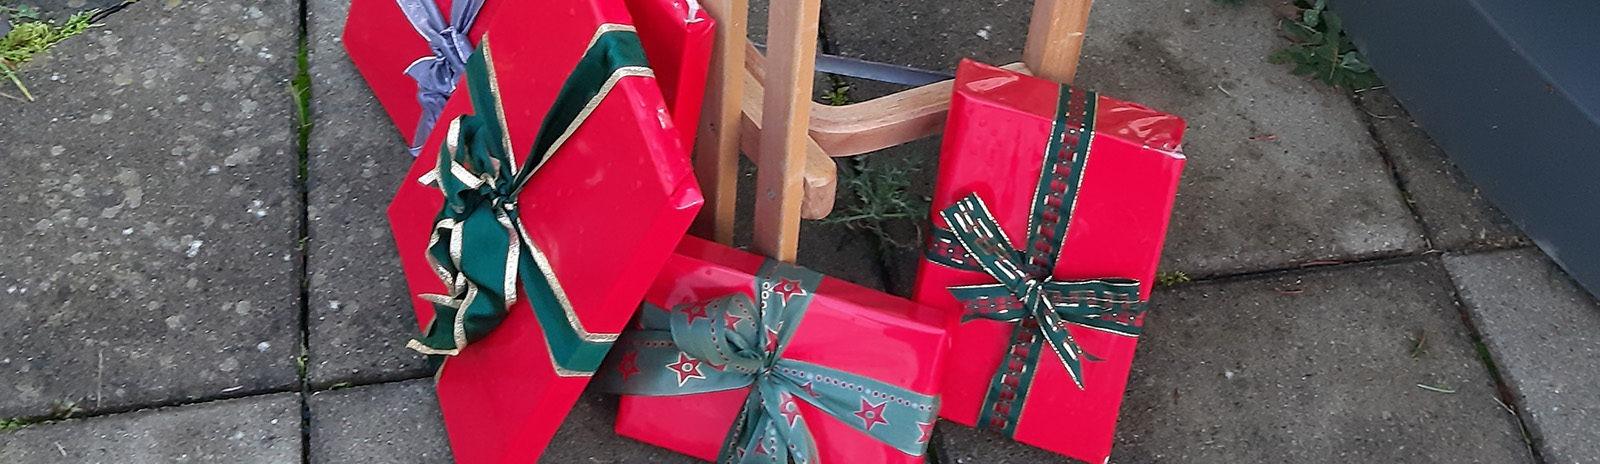 Haus_Luzia_Weihnachtsmarktfeeling_slider